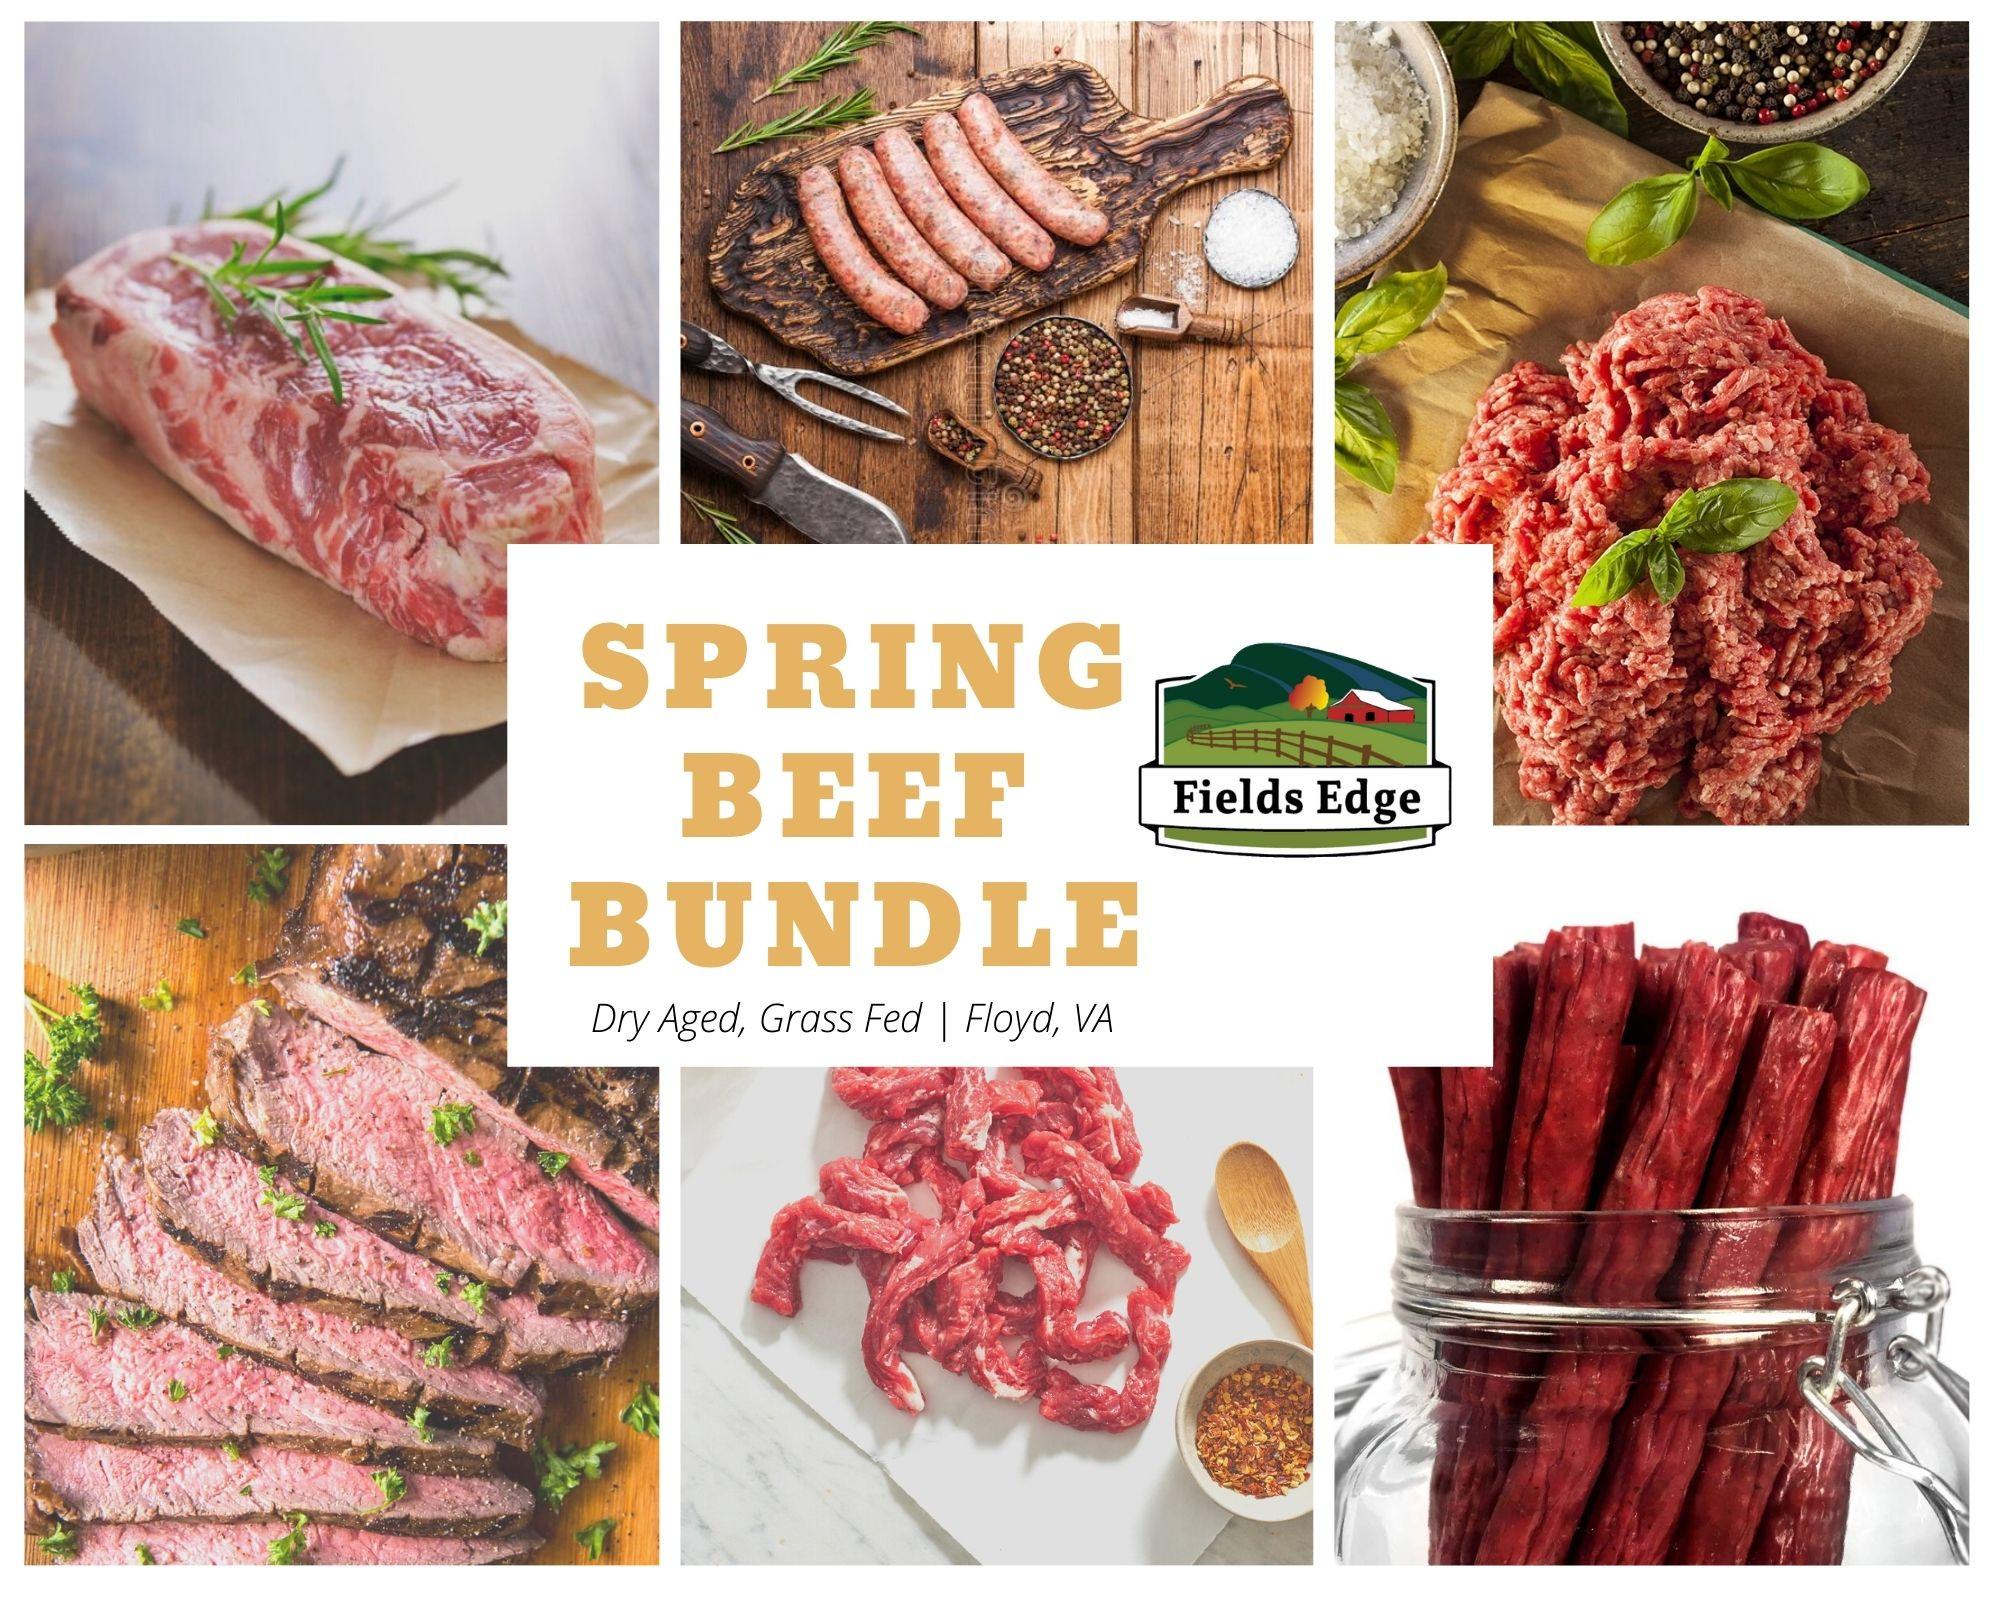 Spring Beef Bundle